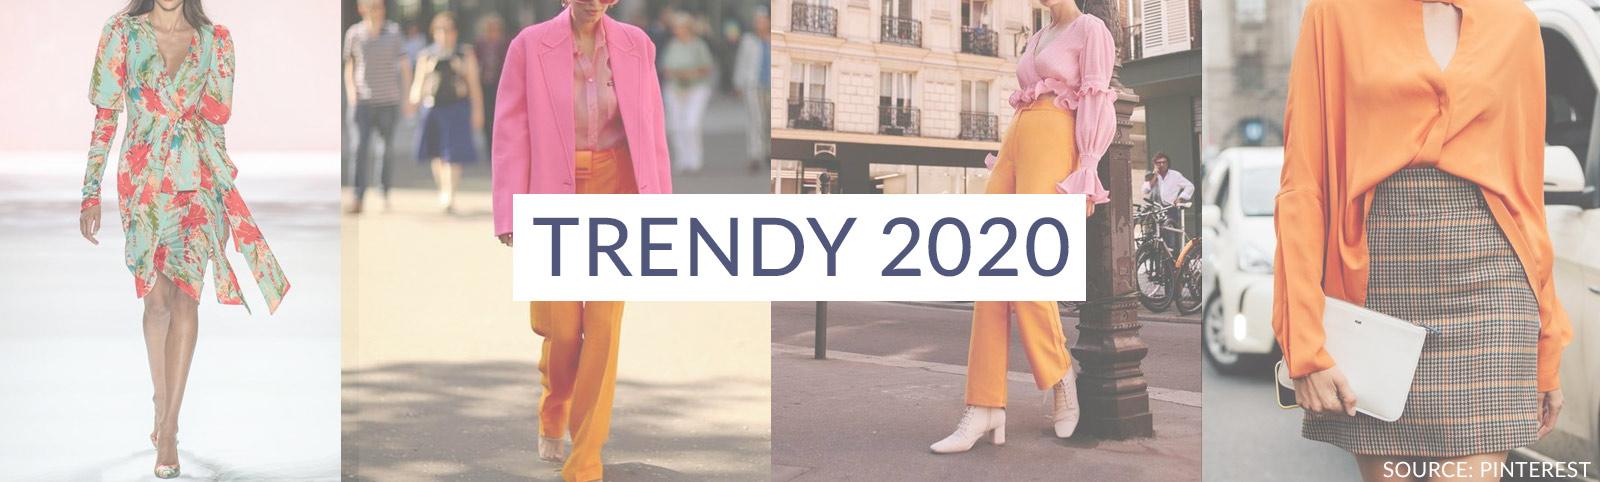 4F | Kolekcja lato 2020 ubrań, butów i dodatków | Opinie